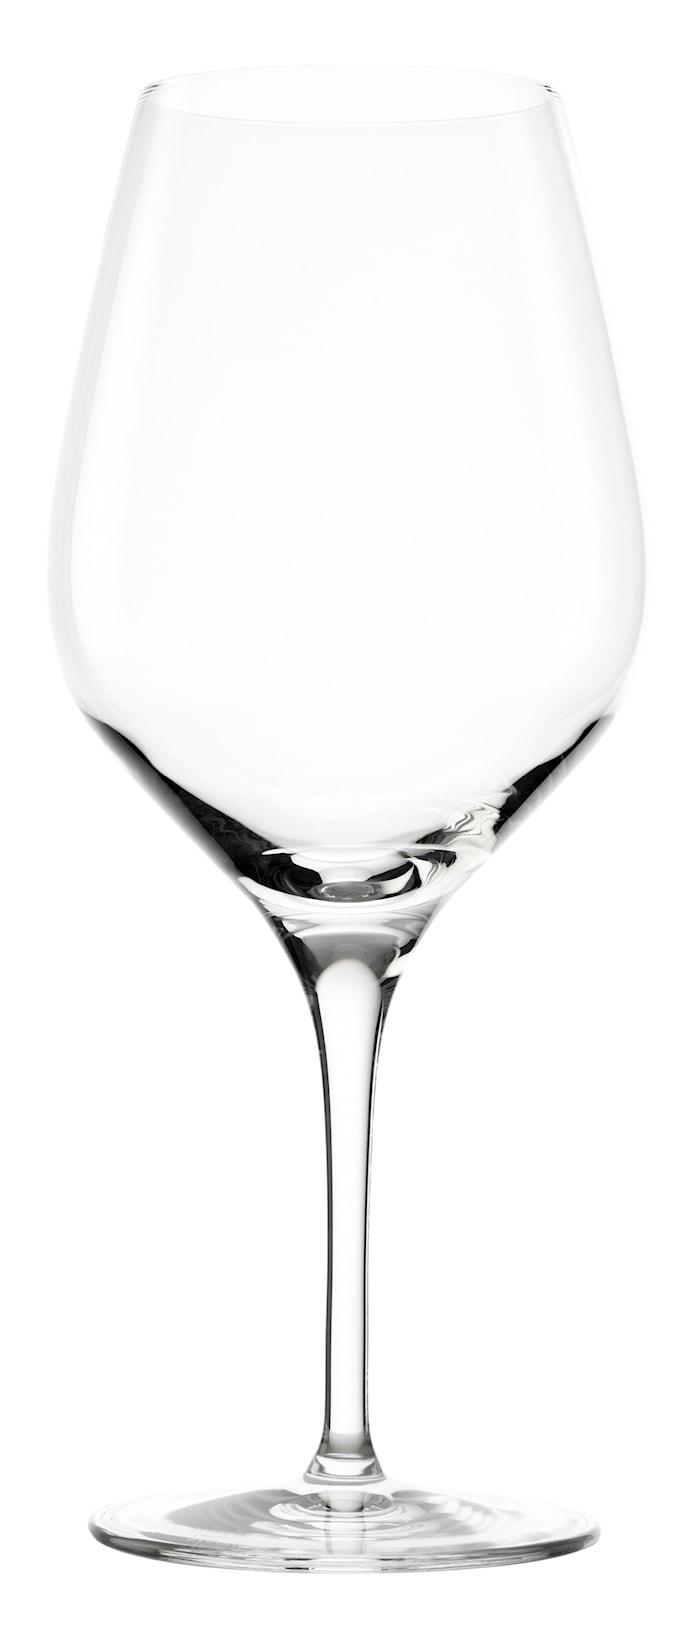 Passion Connaisseur Rødvinsglas 64,5 cl 2-pak